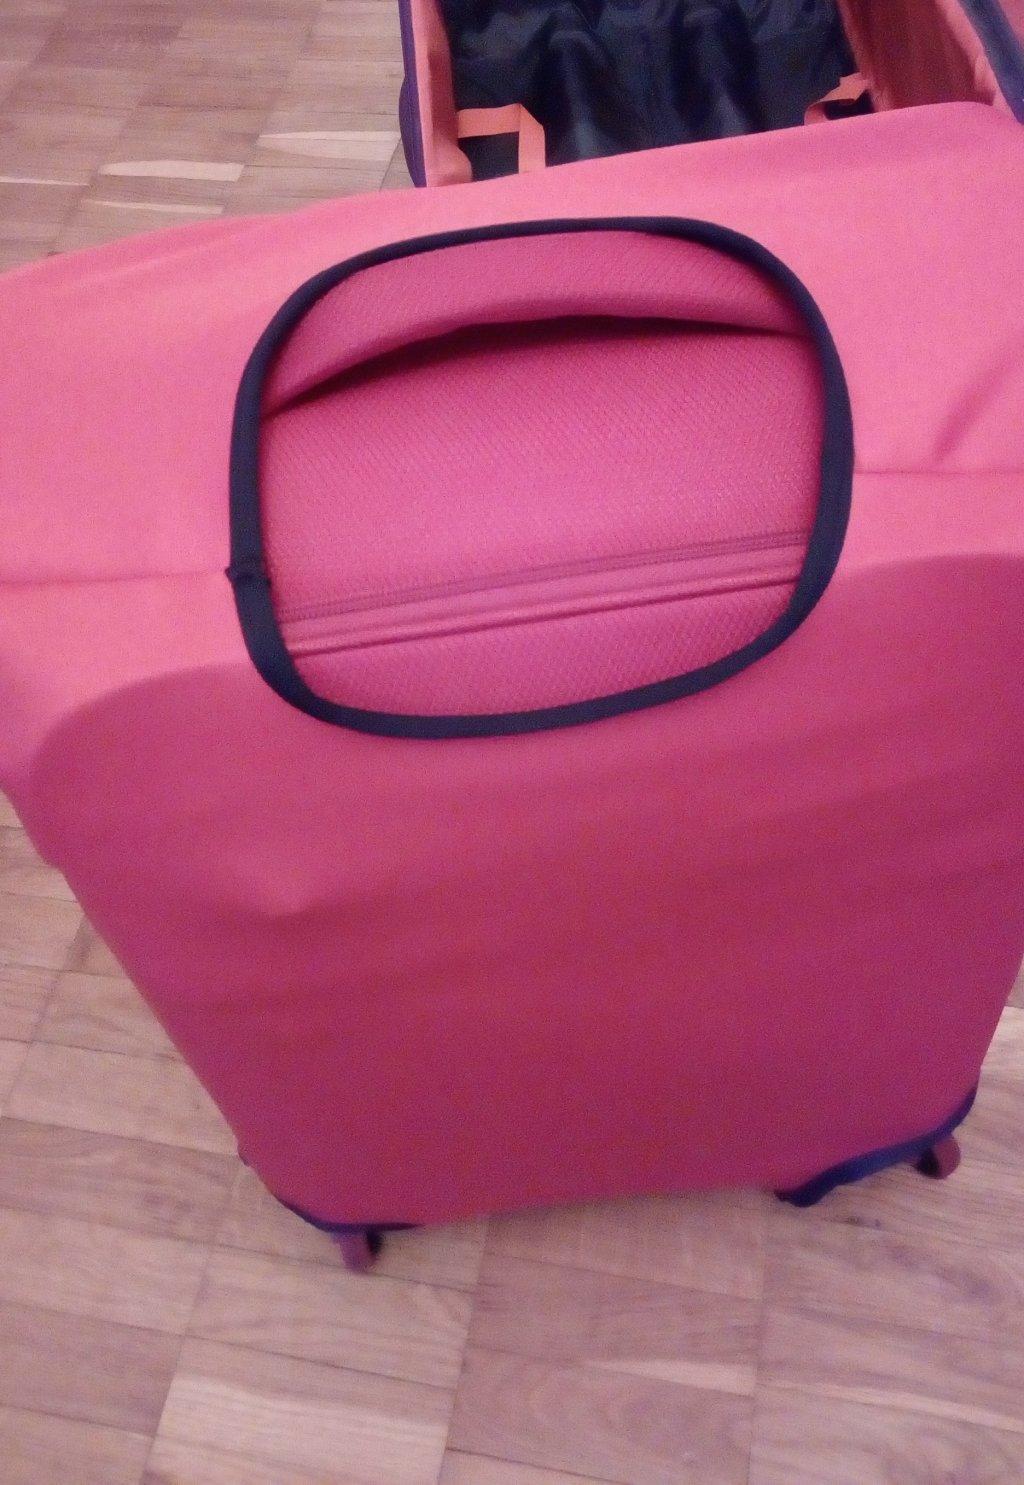 Чехол для чемодана - Coverbag – плохое качество, непрофессионализм и хамство!